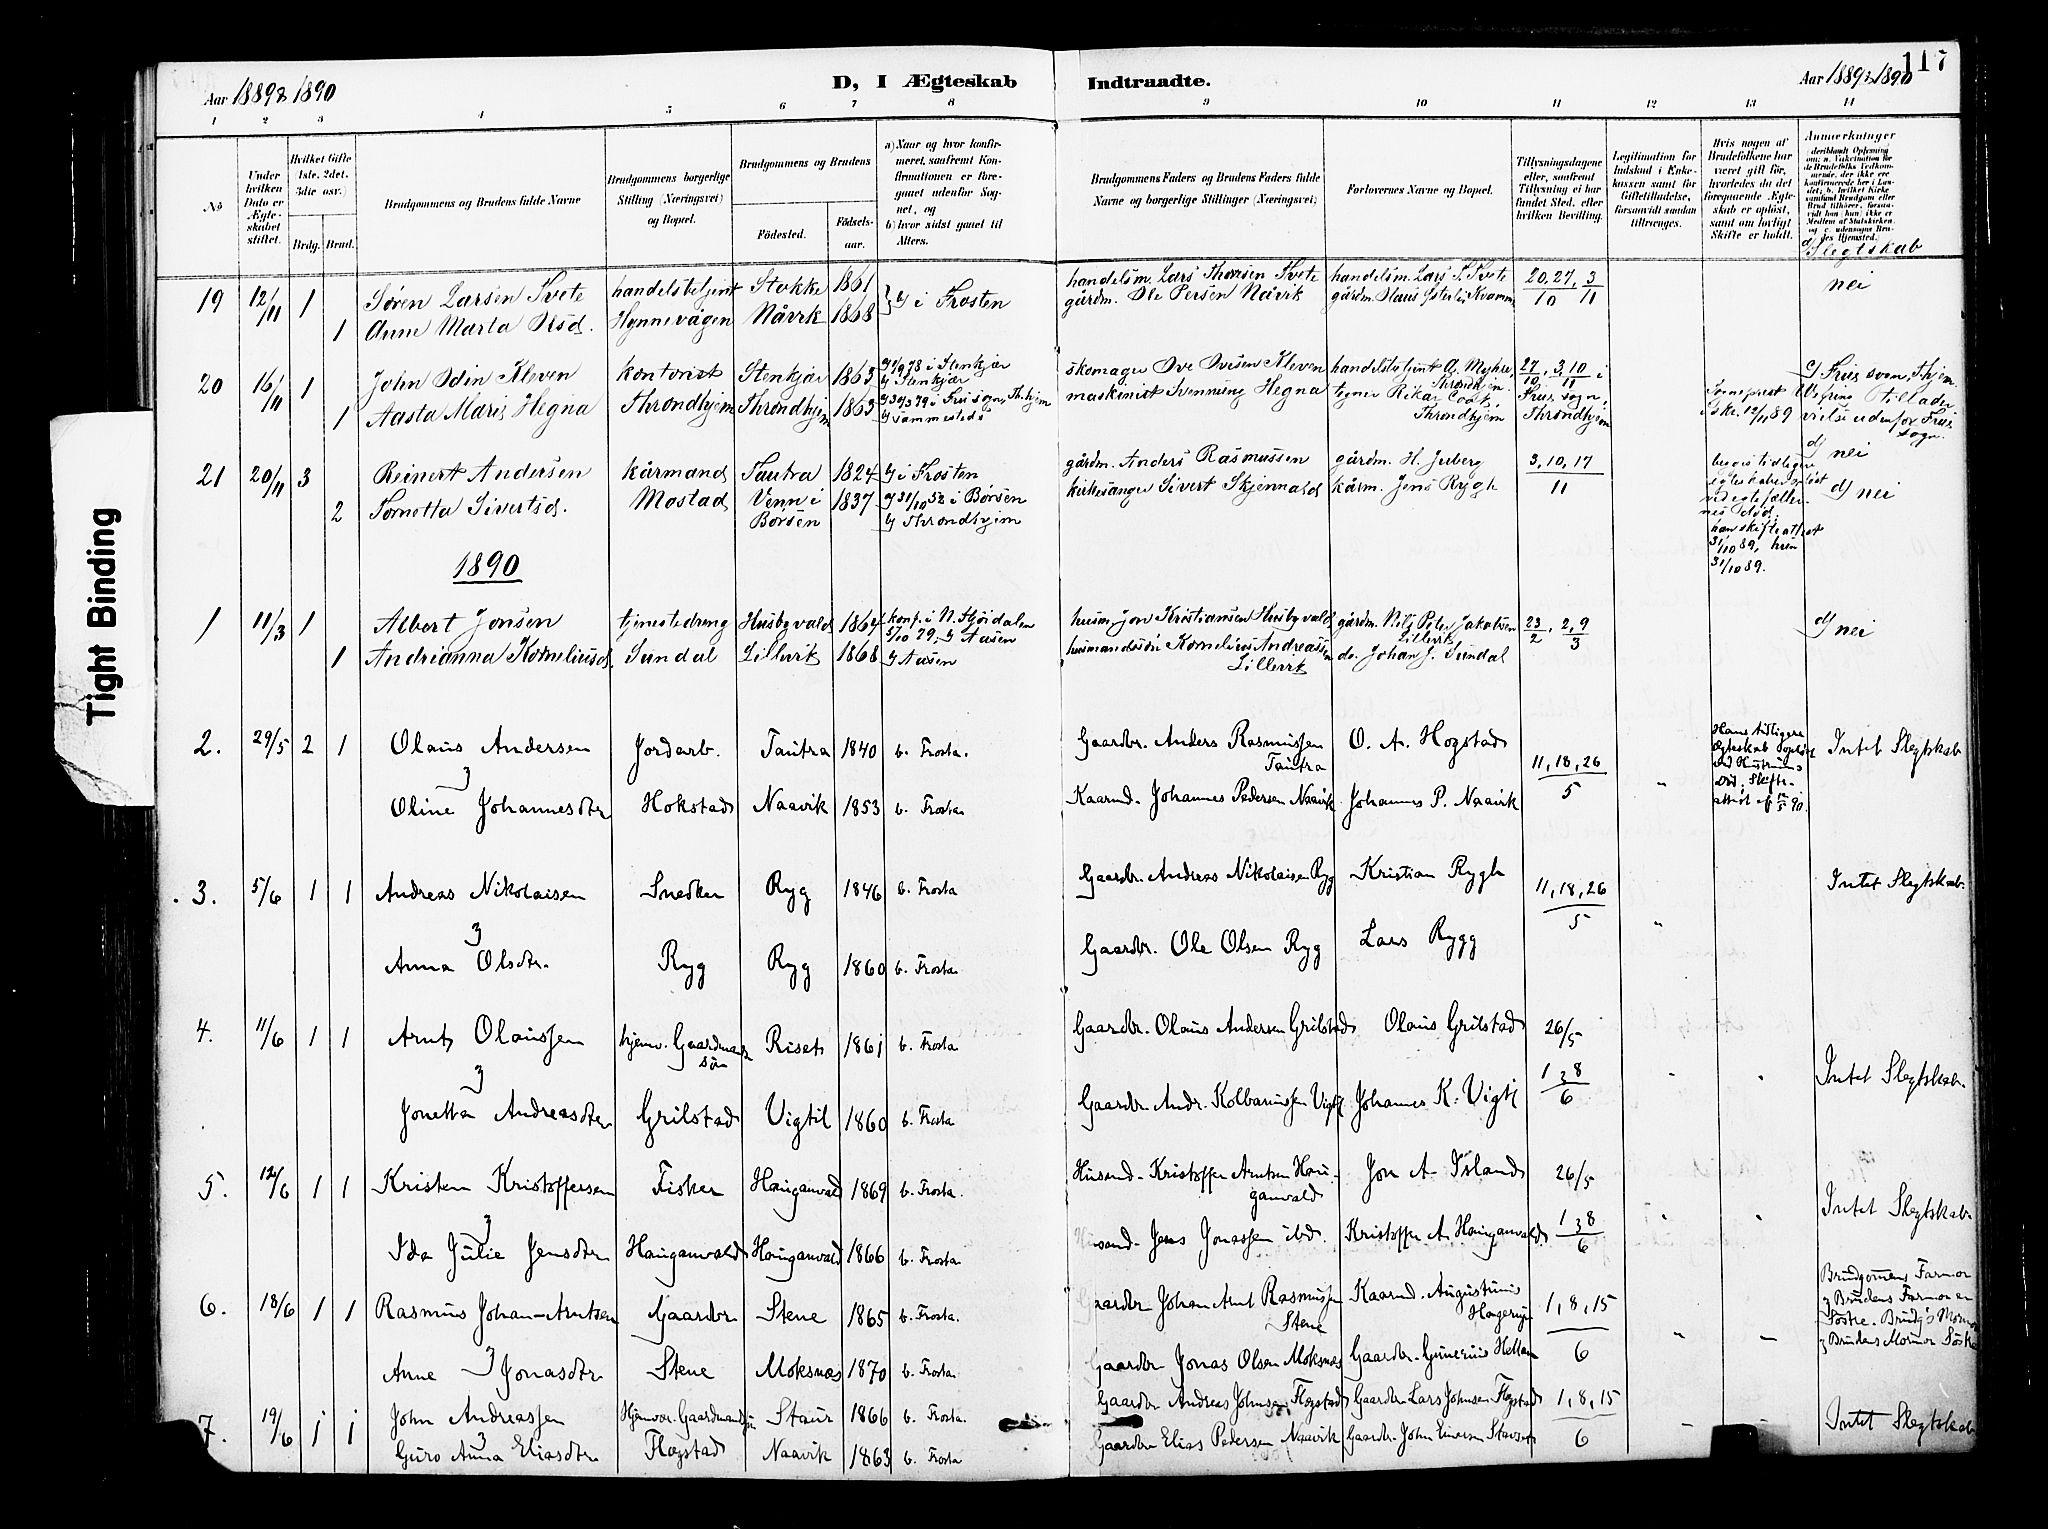 SAT, Ministerialprotokoller, klokkerbøker og fødselsregistre - Nord-Trøndelag, 713/L0121: Ministerialbok nr. 713A10, 1888-1898, s. 117